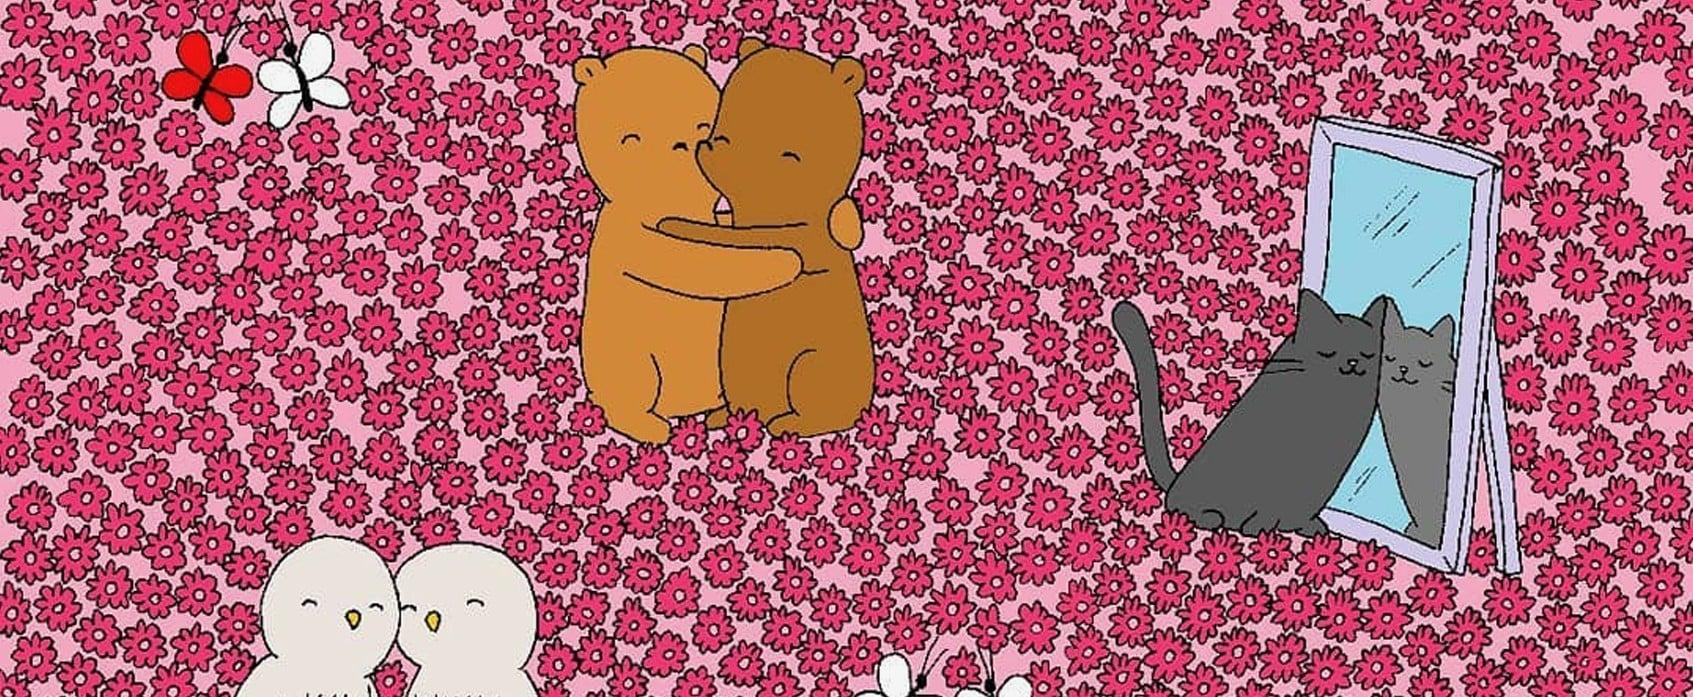 Valentine's Day Heart Brain-Teaser 2019